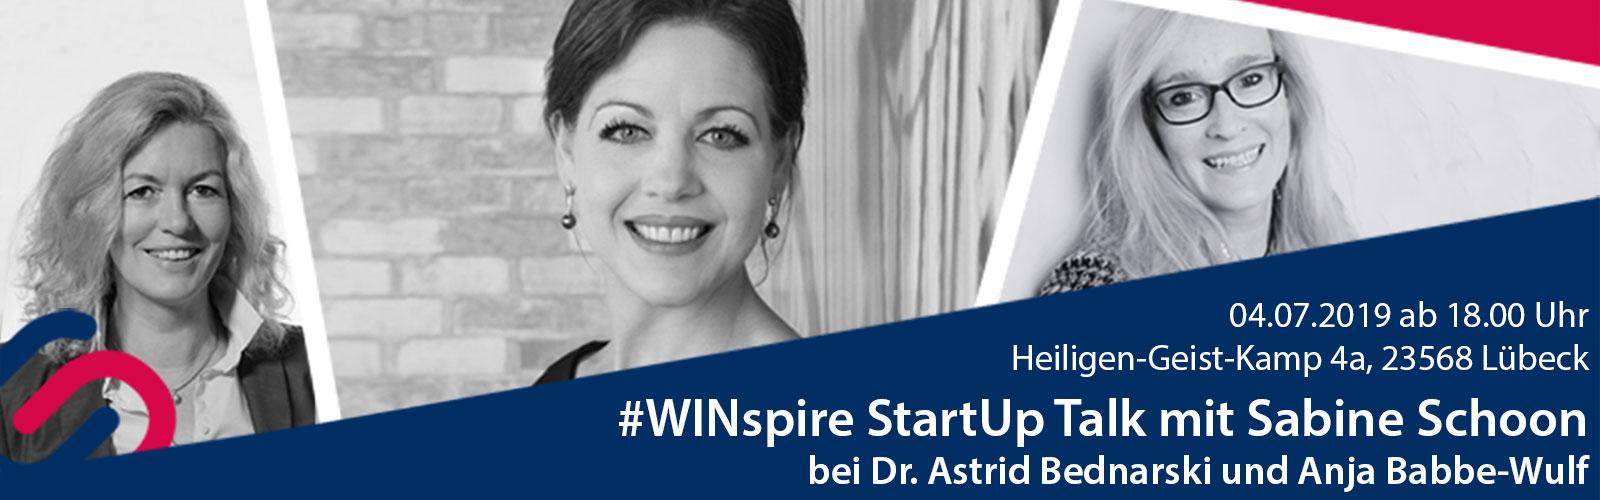 #WINspire StartUp Talk Banner mit Sabine Schoon